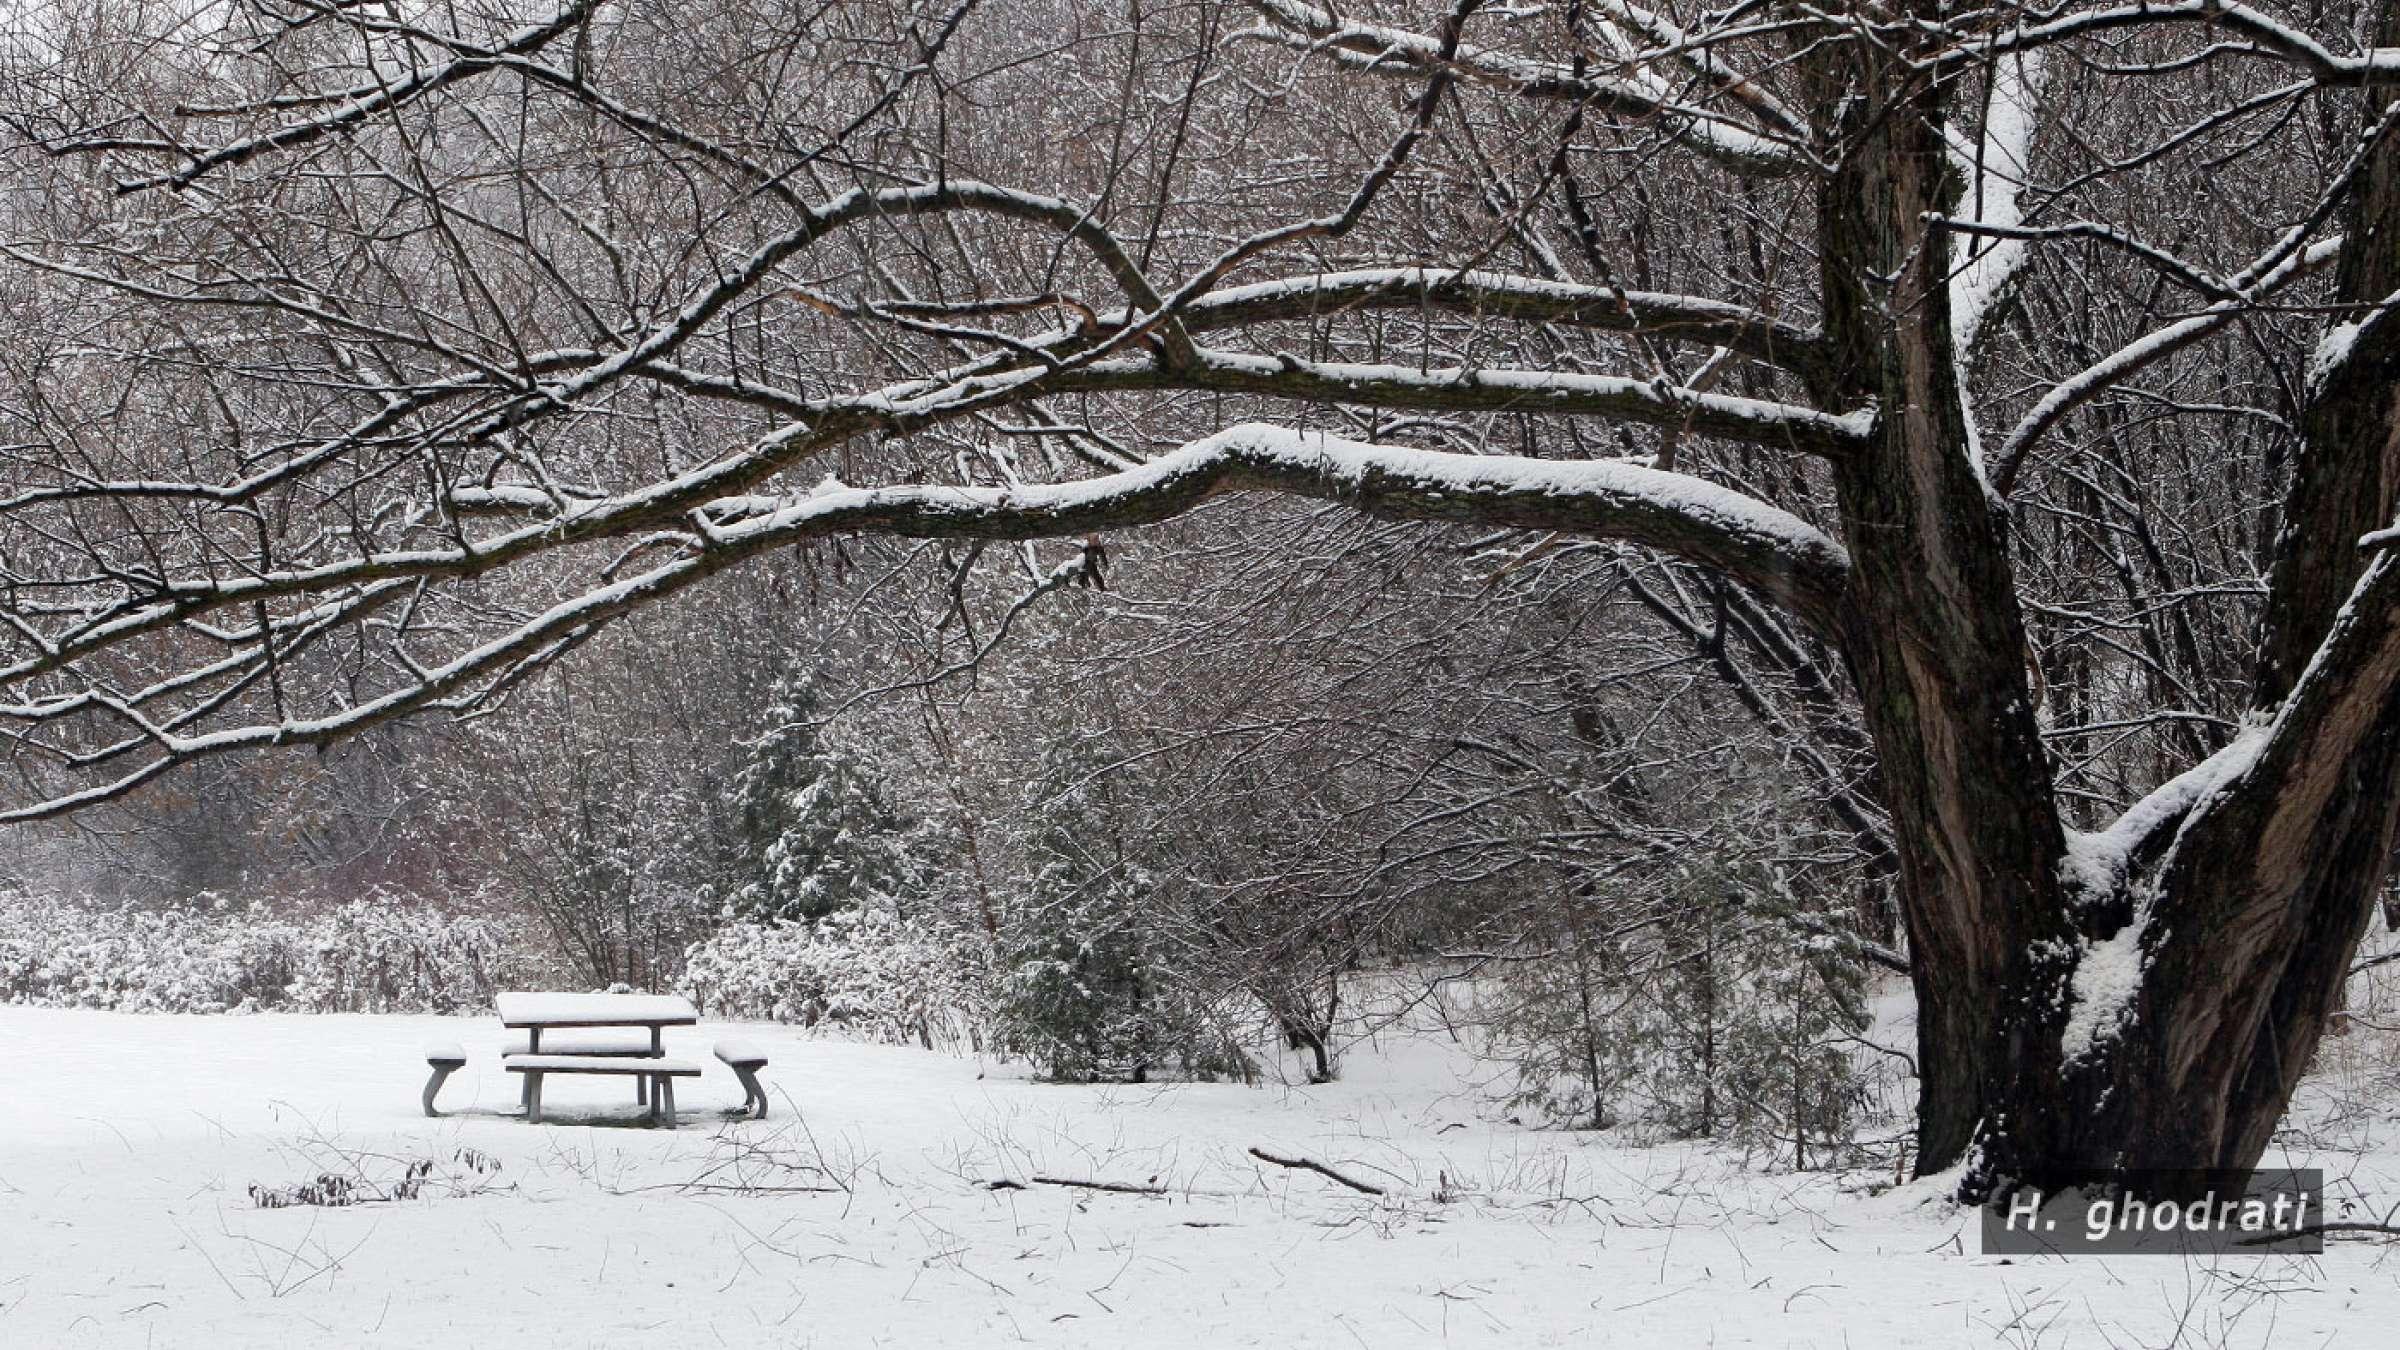 سری به پارکی در زمستان